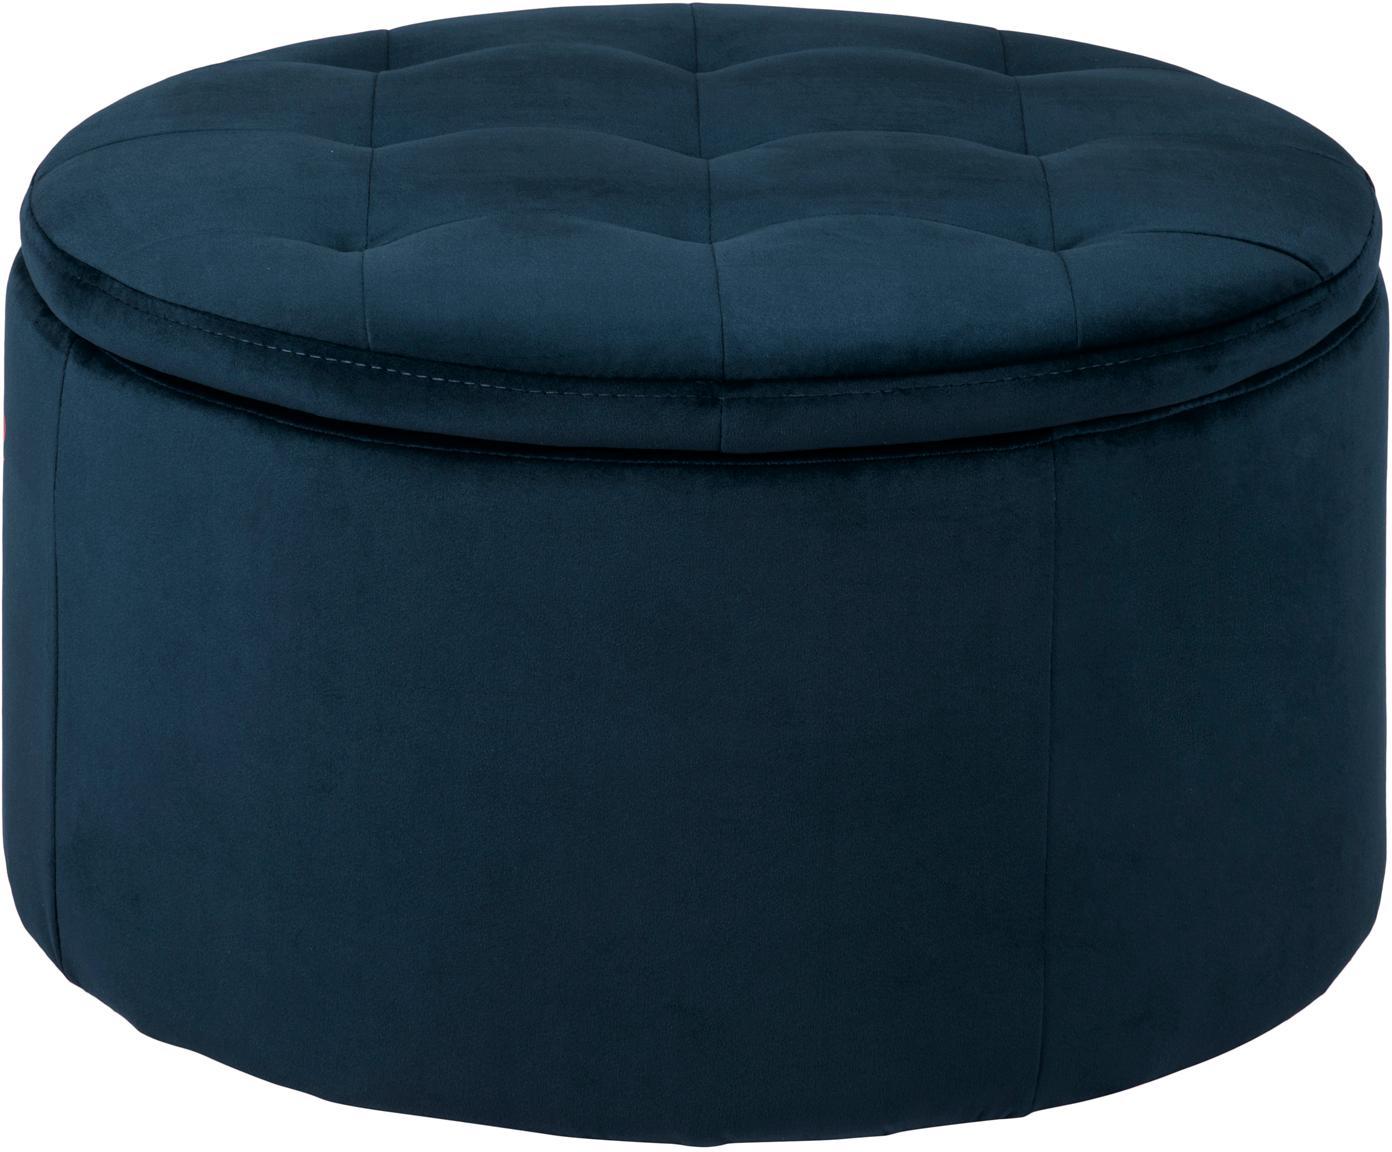 Pouf contenitore in velluto Retina, Rivestimento: velluto di poliestere 25., Struttura: pannello di fibra a media, Blu, Ø 60 x Alt. 35 cm